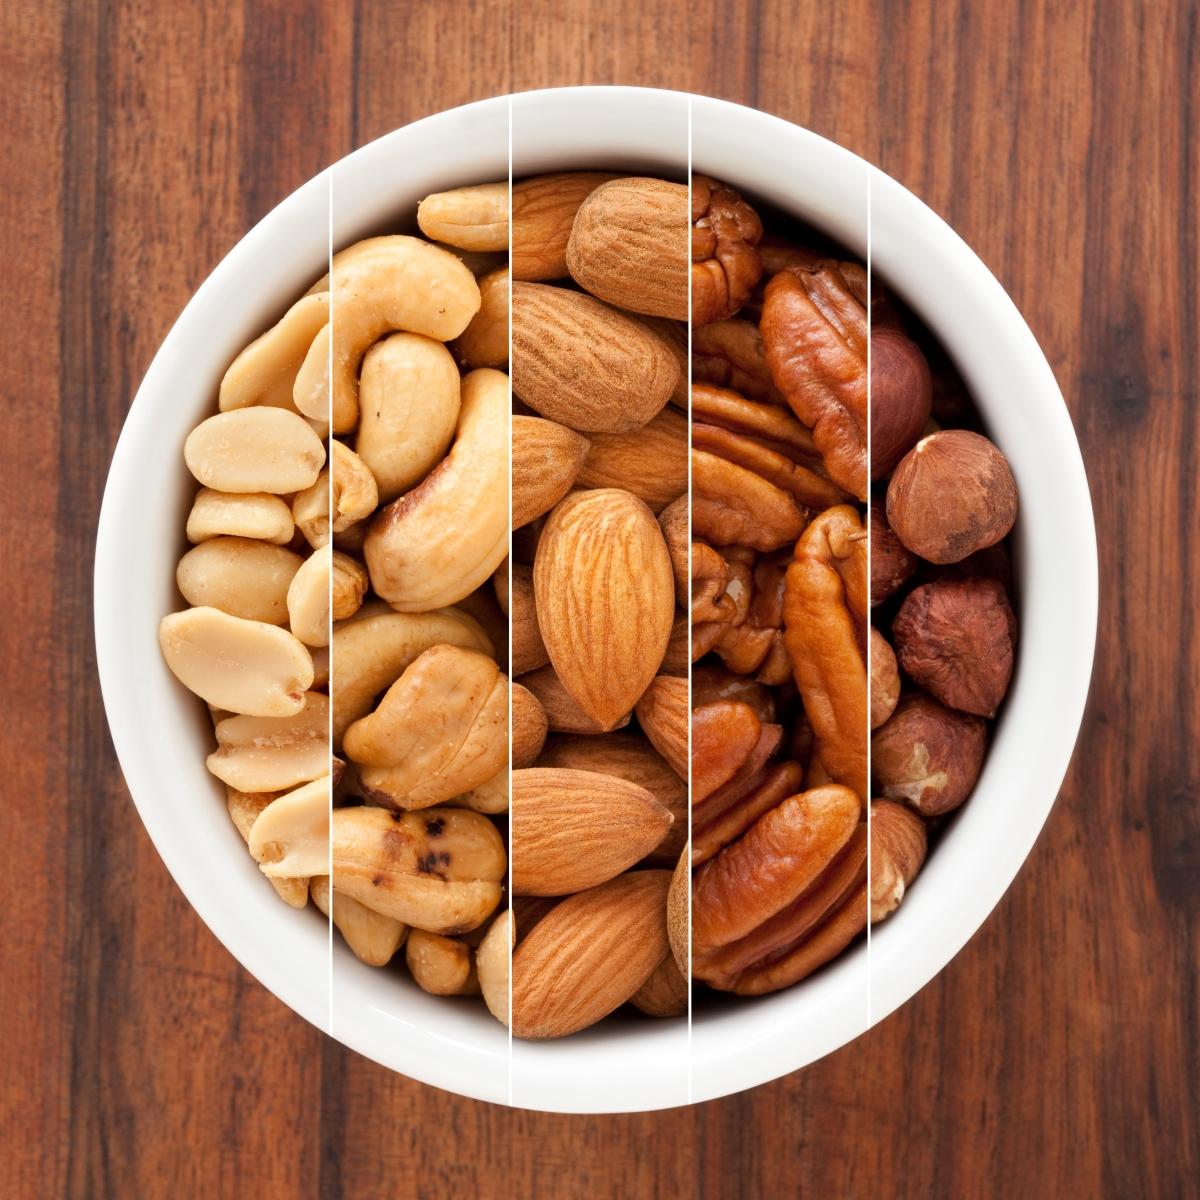 नट और बीज विटामिन, खनिज, प्रोटीन, वसा और फाइबर का खजाना हैं।